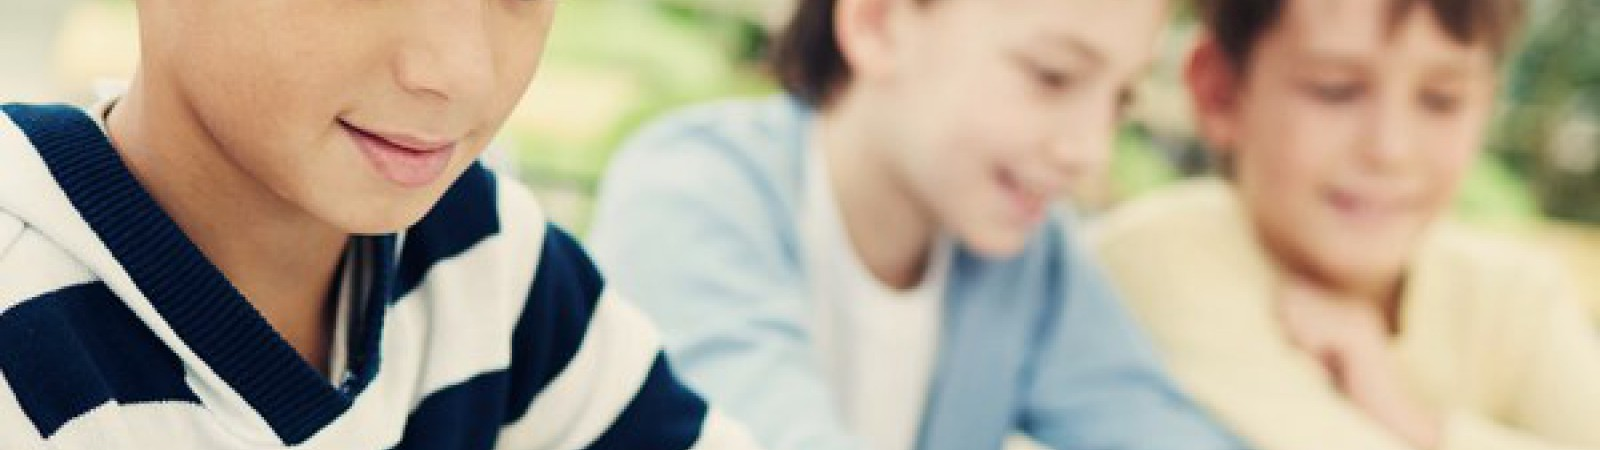 Corso Online Certificato di Brain Training e Lettura Veloce